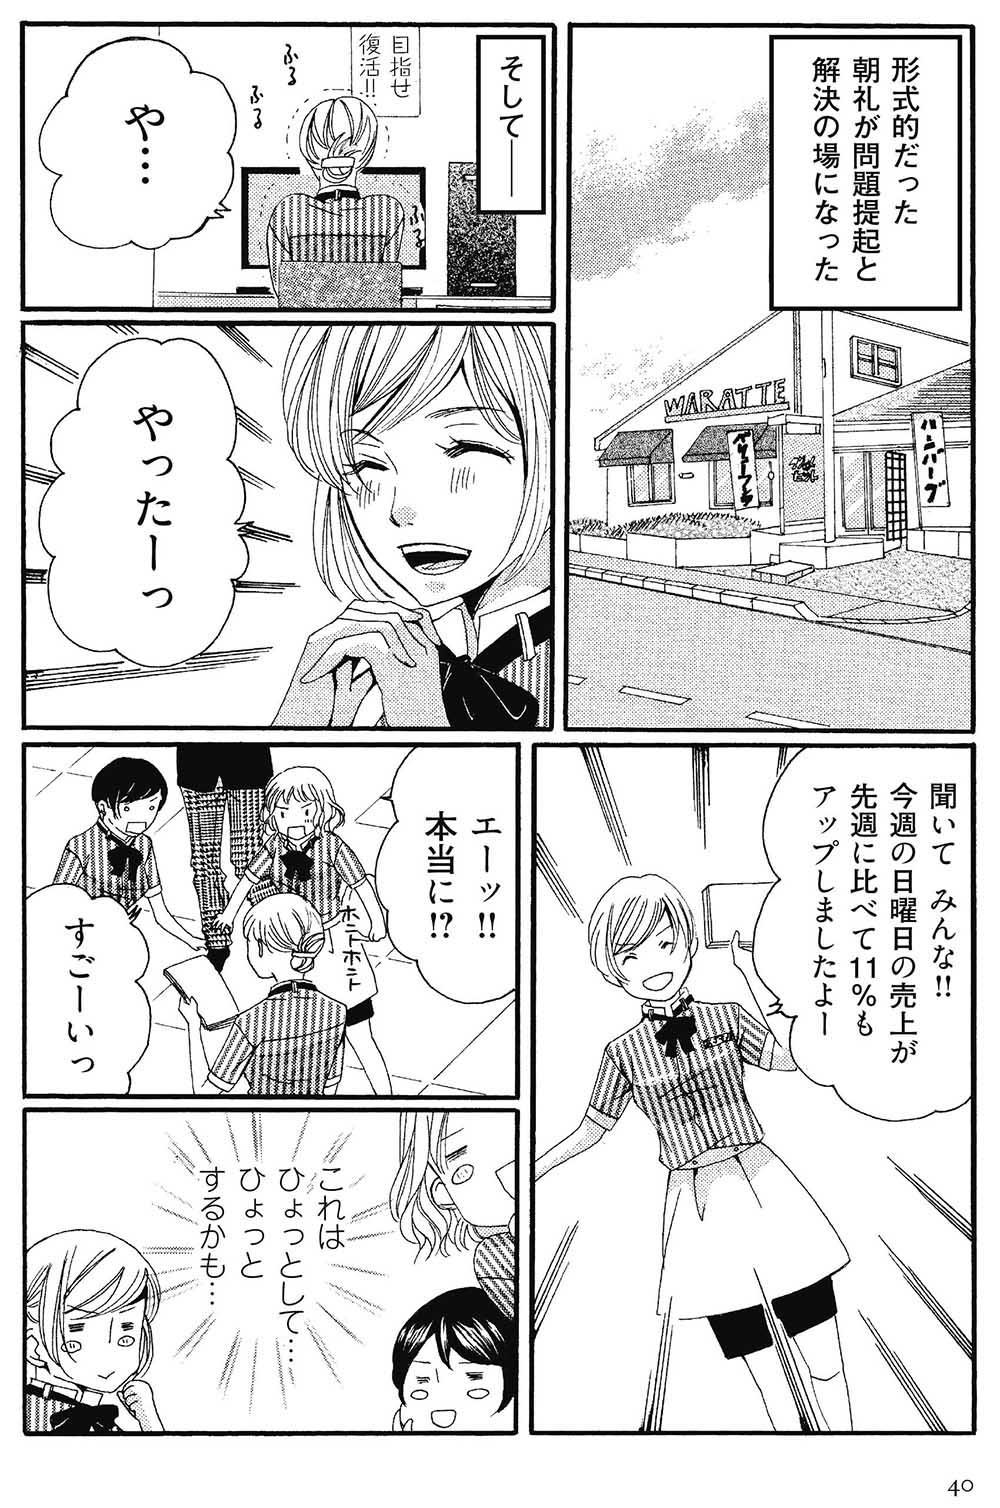 マンガで伝授 デッドライン仕事術001-095.pdf-40.jpg